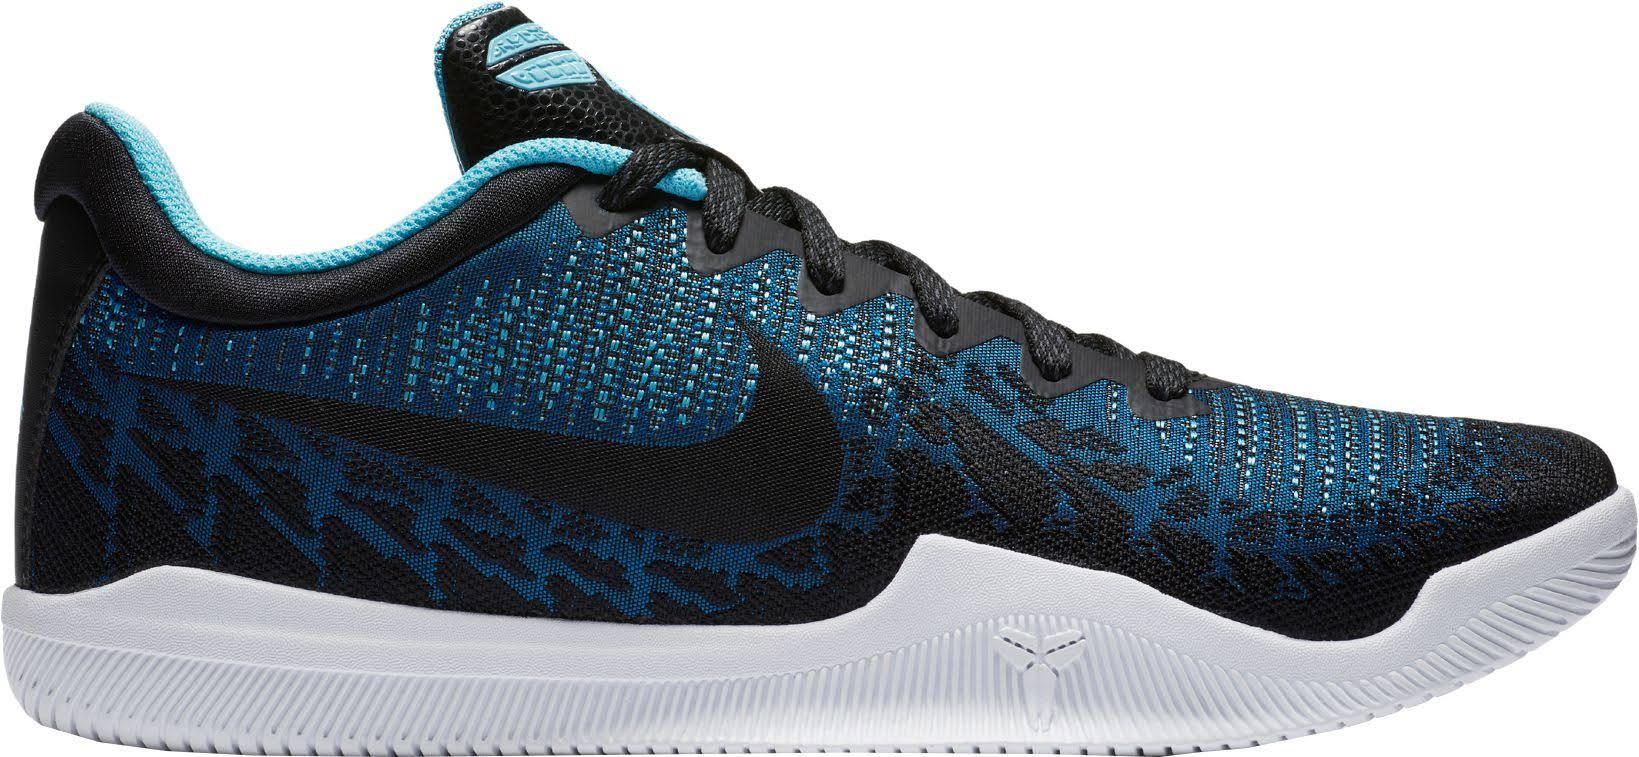 Nike Rage Tamaño De Azul Baloncesto Para 10 Zapatillas Mamba Kobe 0 Hombre XE1qq